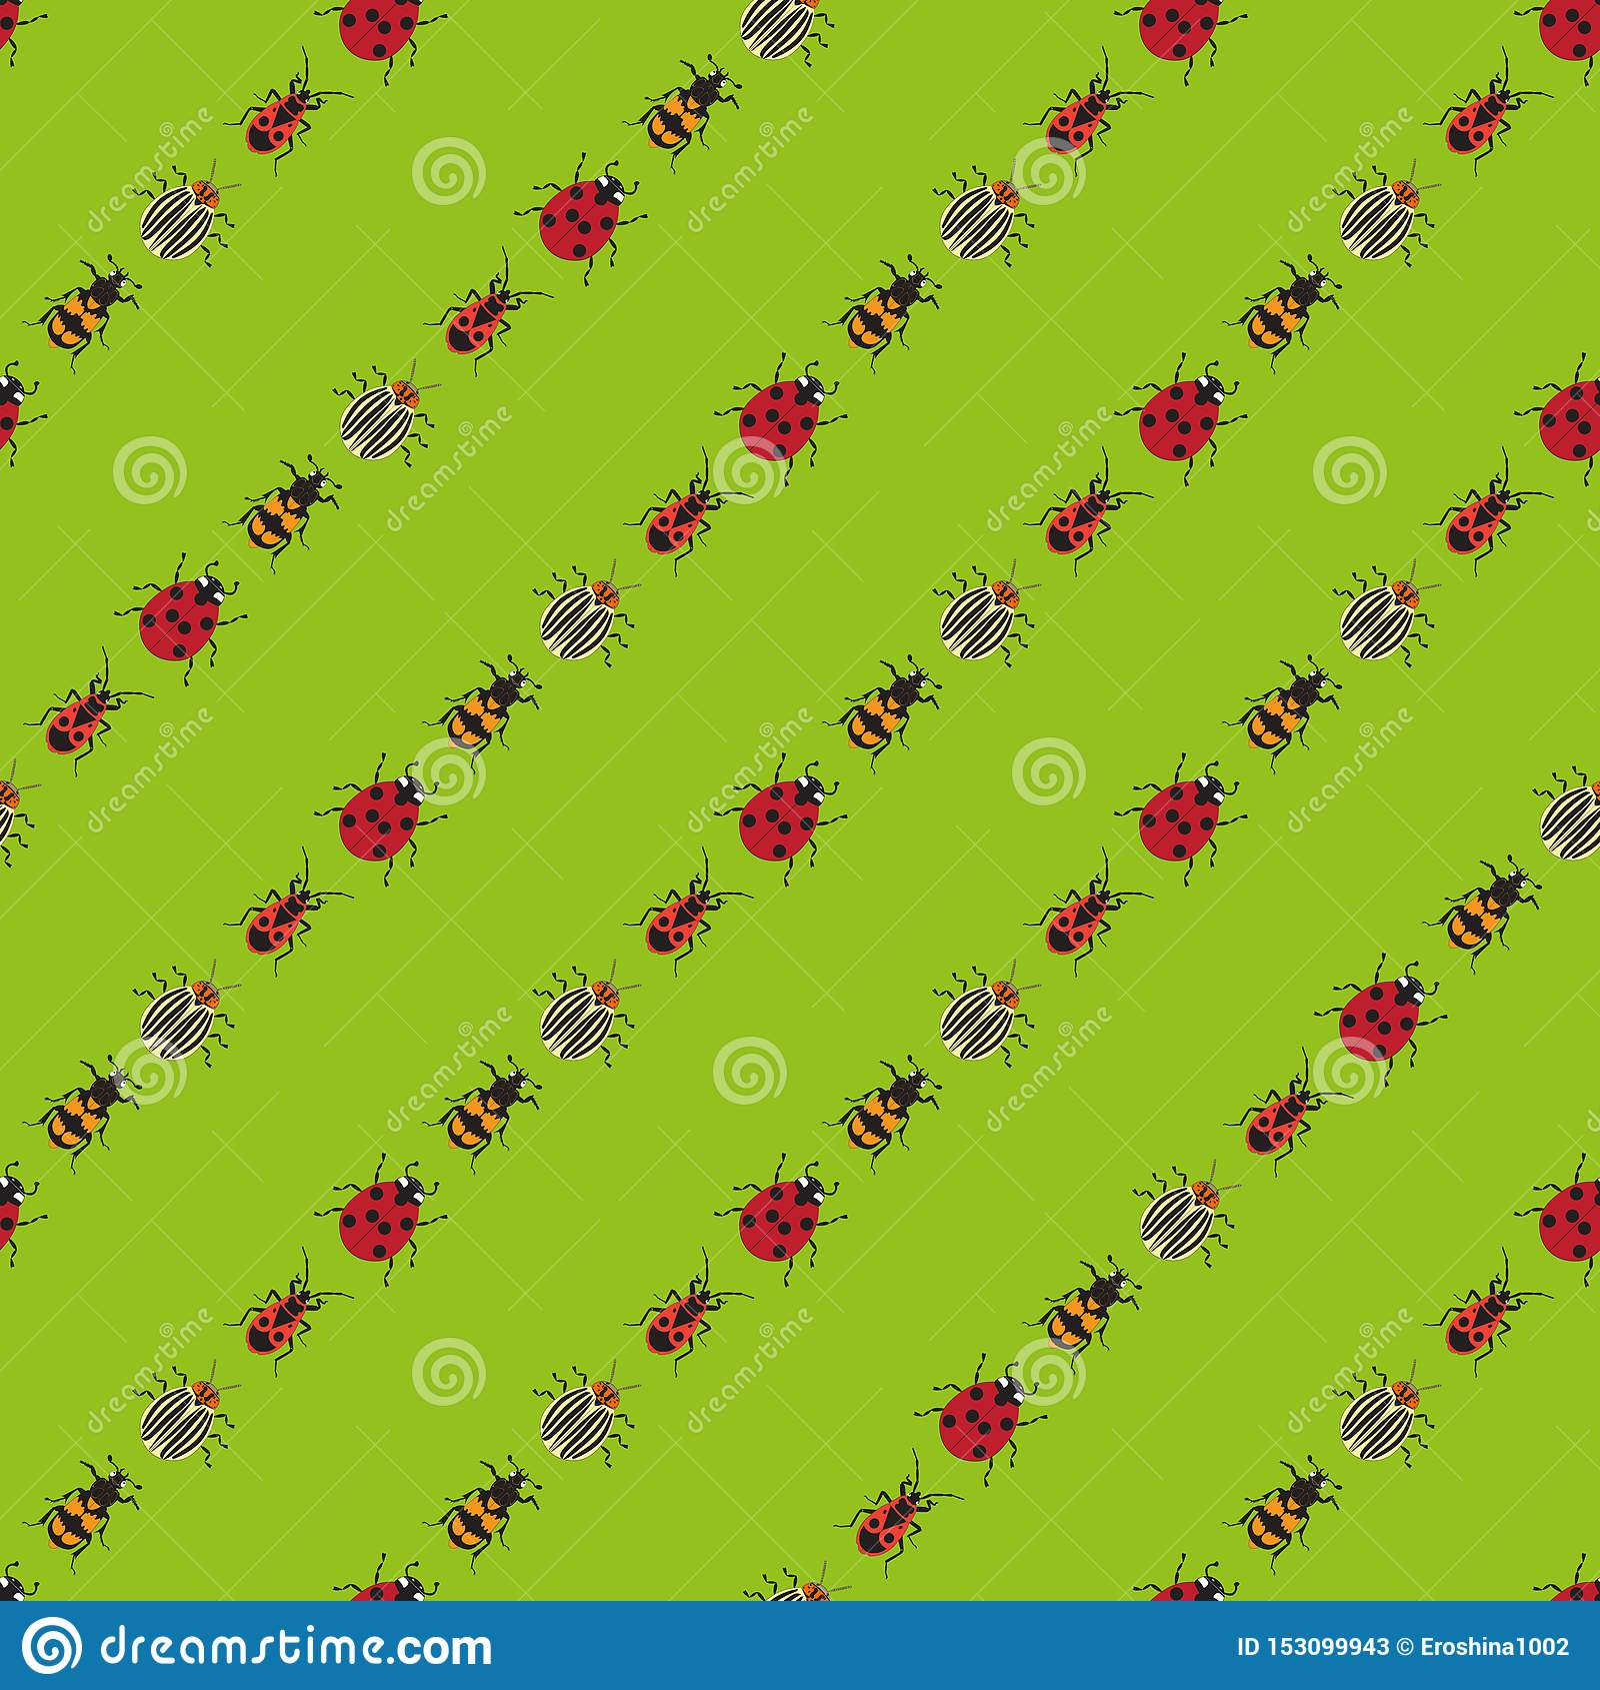 Fundo dos besouros em claro - fundo verde